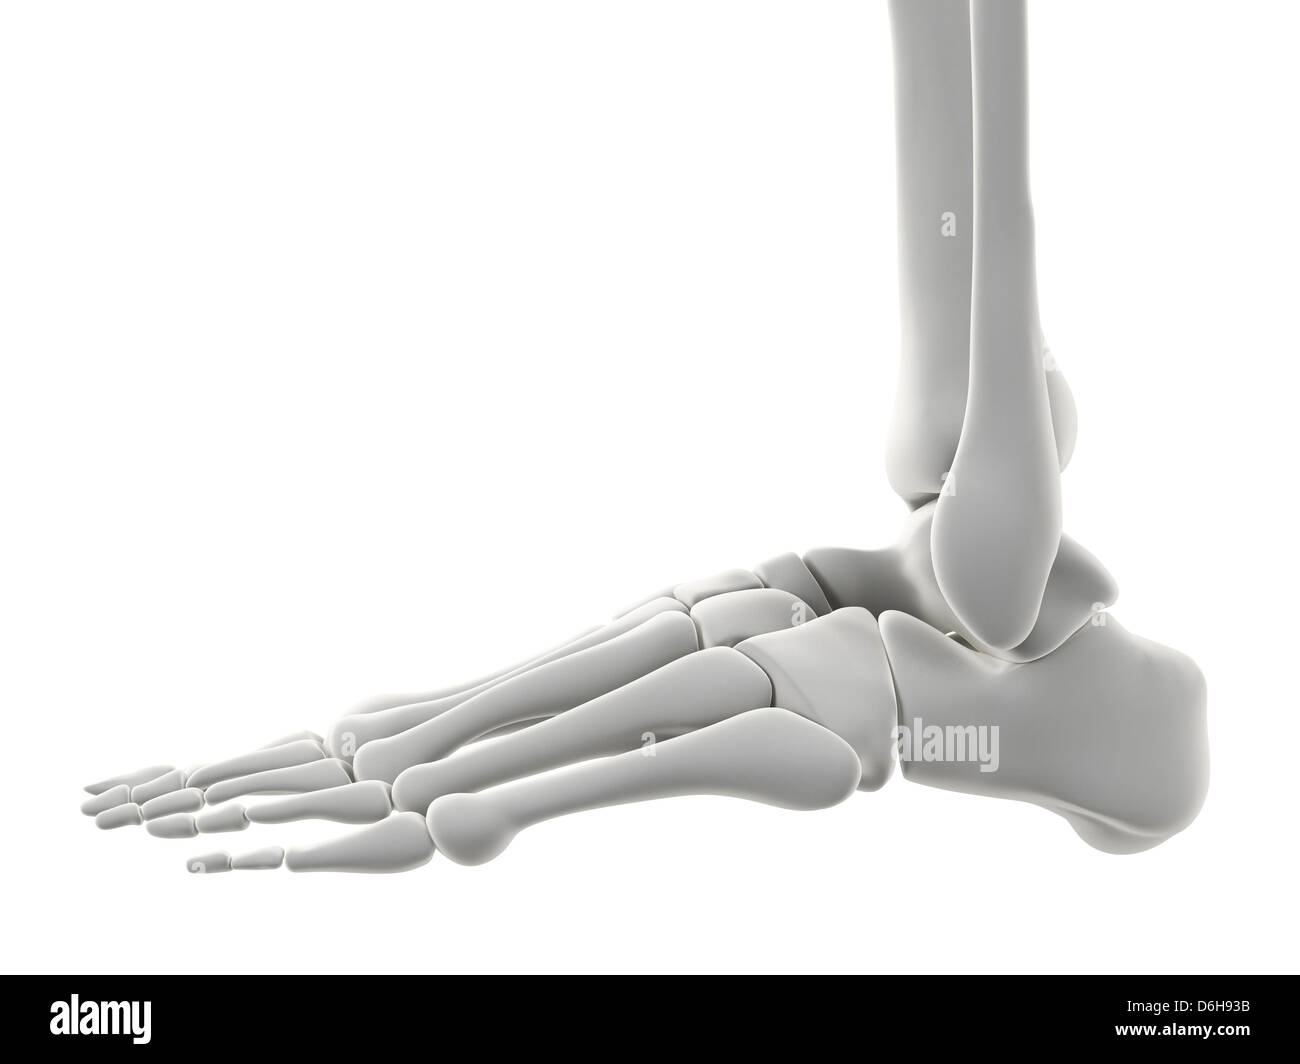 Foot bones, artwork - Stock Image